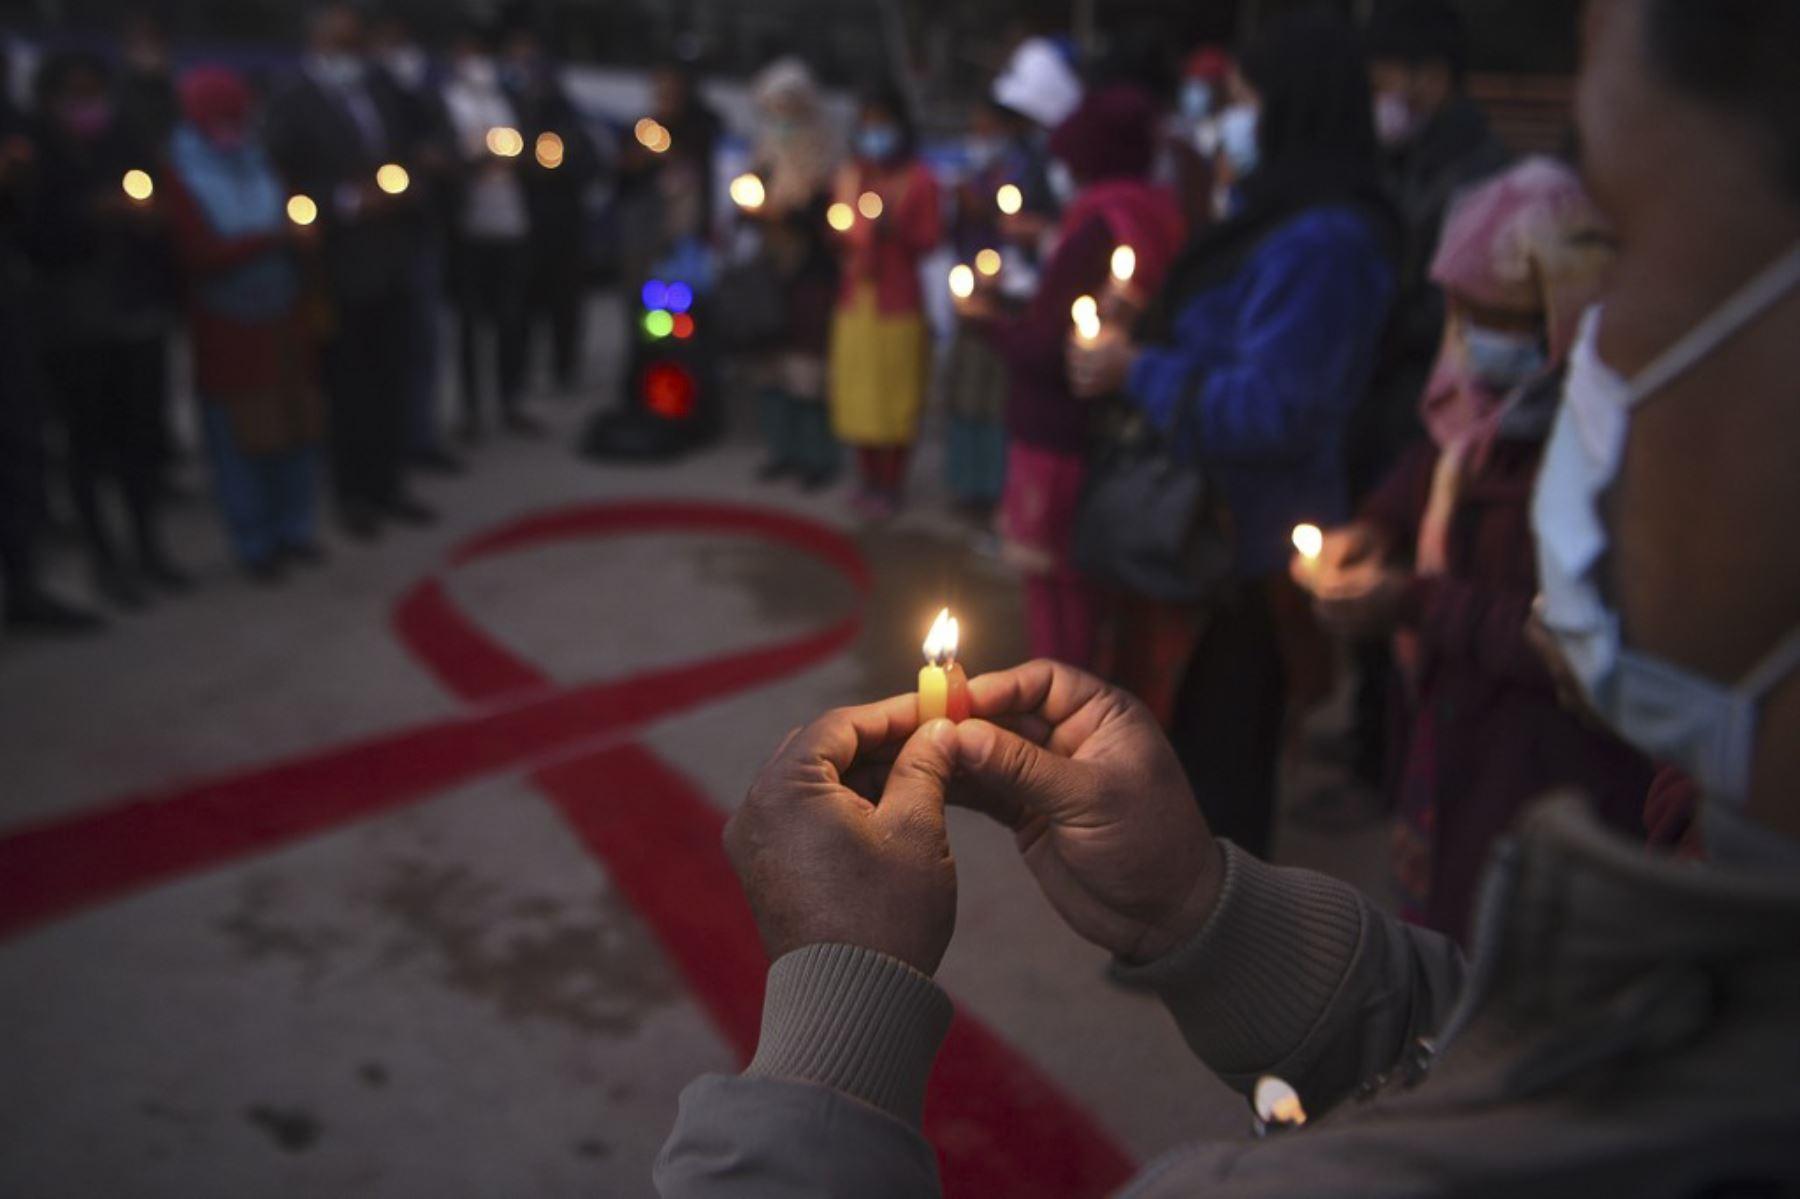 Los voluntarios encienden velas en forma de cinta roja durante un evento de sensibilización en la víspera del Día Mundial del SIDA, en Katmandú. Foto: AFP